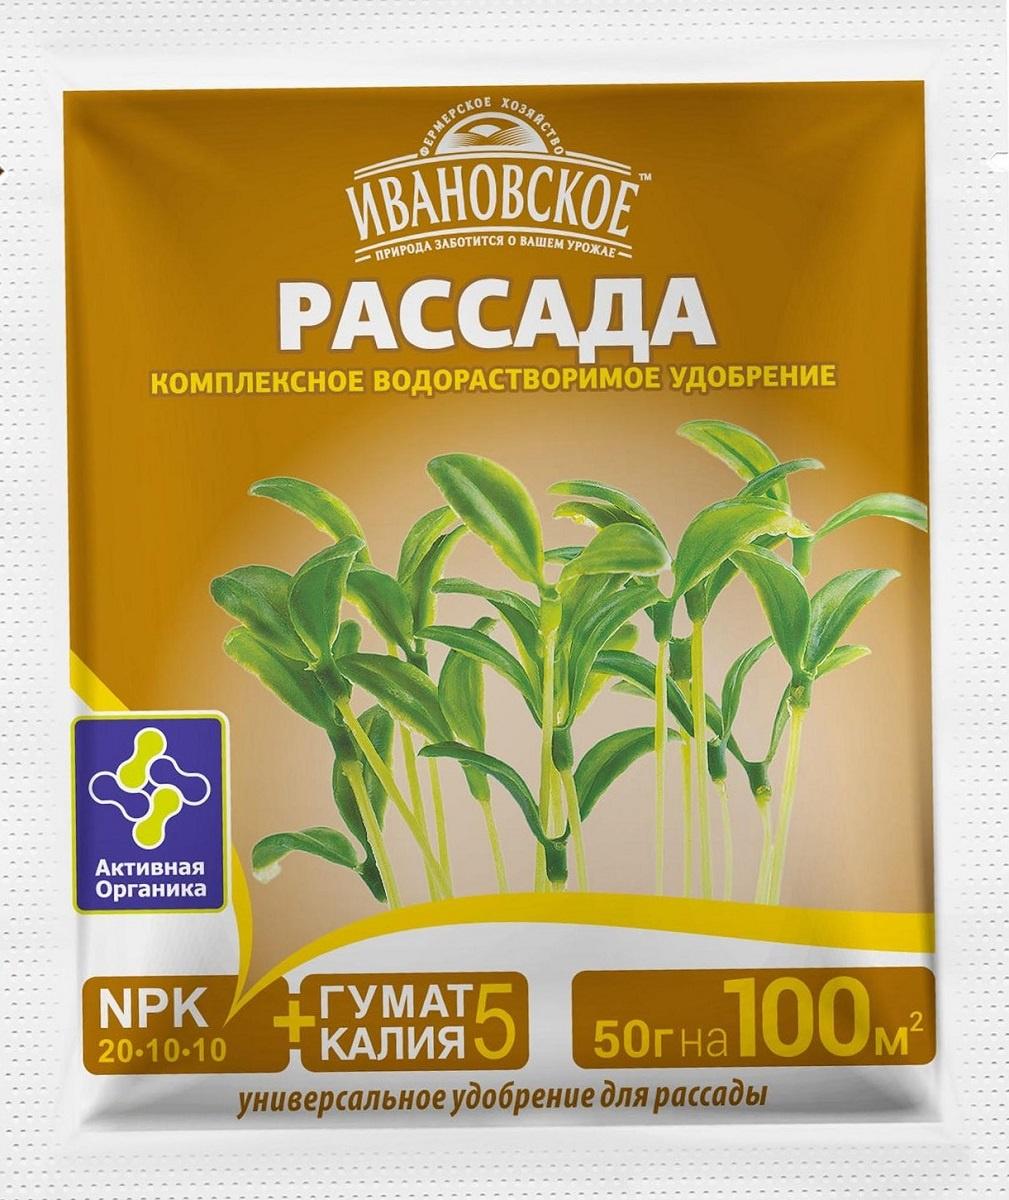 Удобрение Фермерское хозяйство Ивановское для рассады 50г, коричневый удобрение биона водорастворимое комплексное лук чеснок 50г